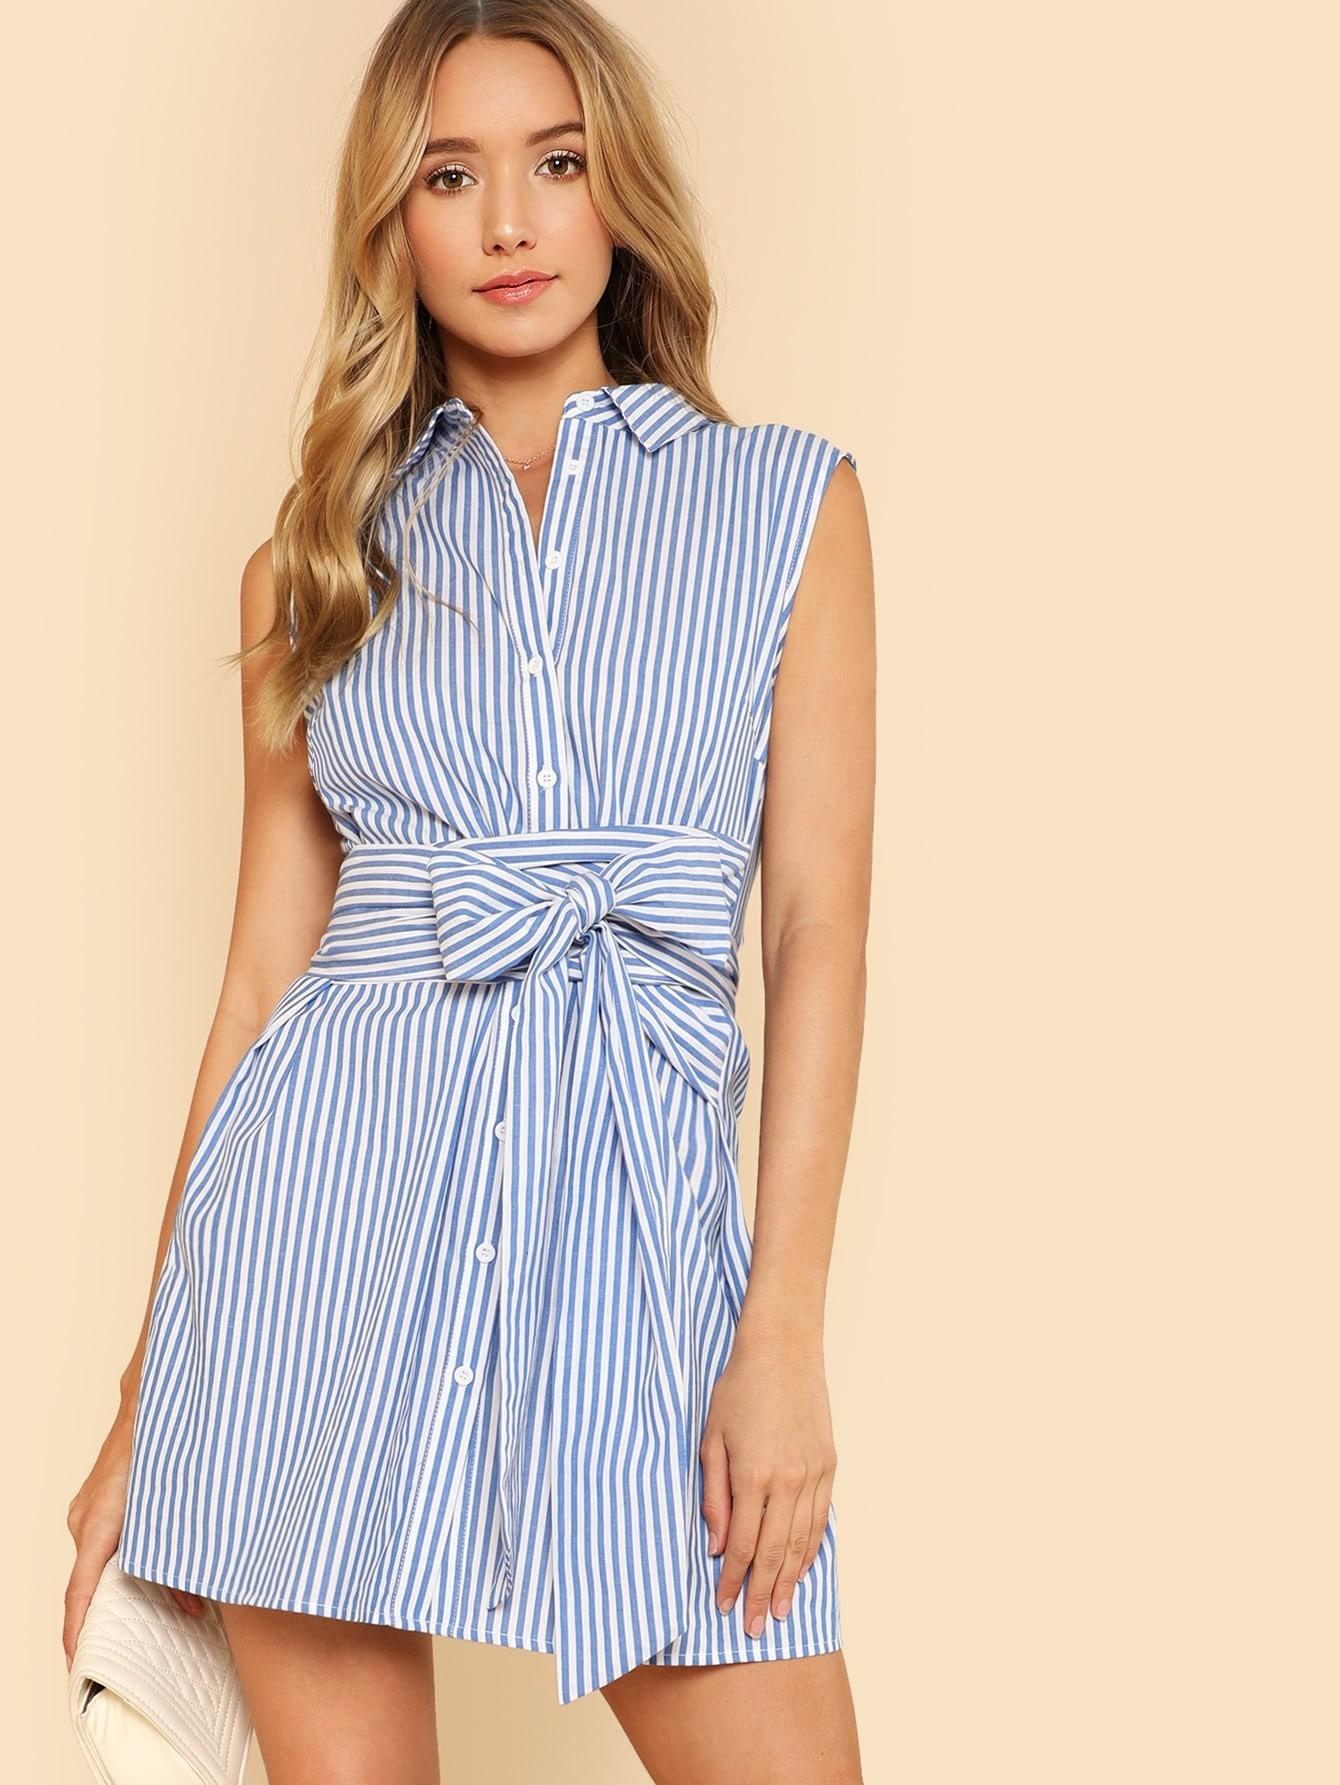 Belted Button Up Shirt Dress plus size button up belted pocket shirt dress